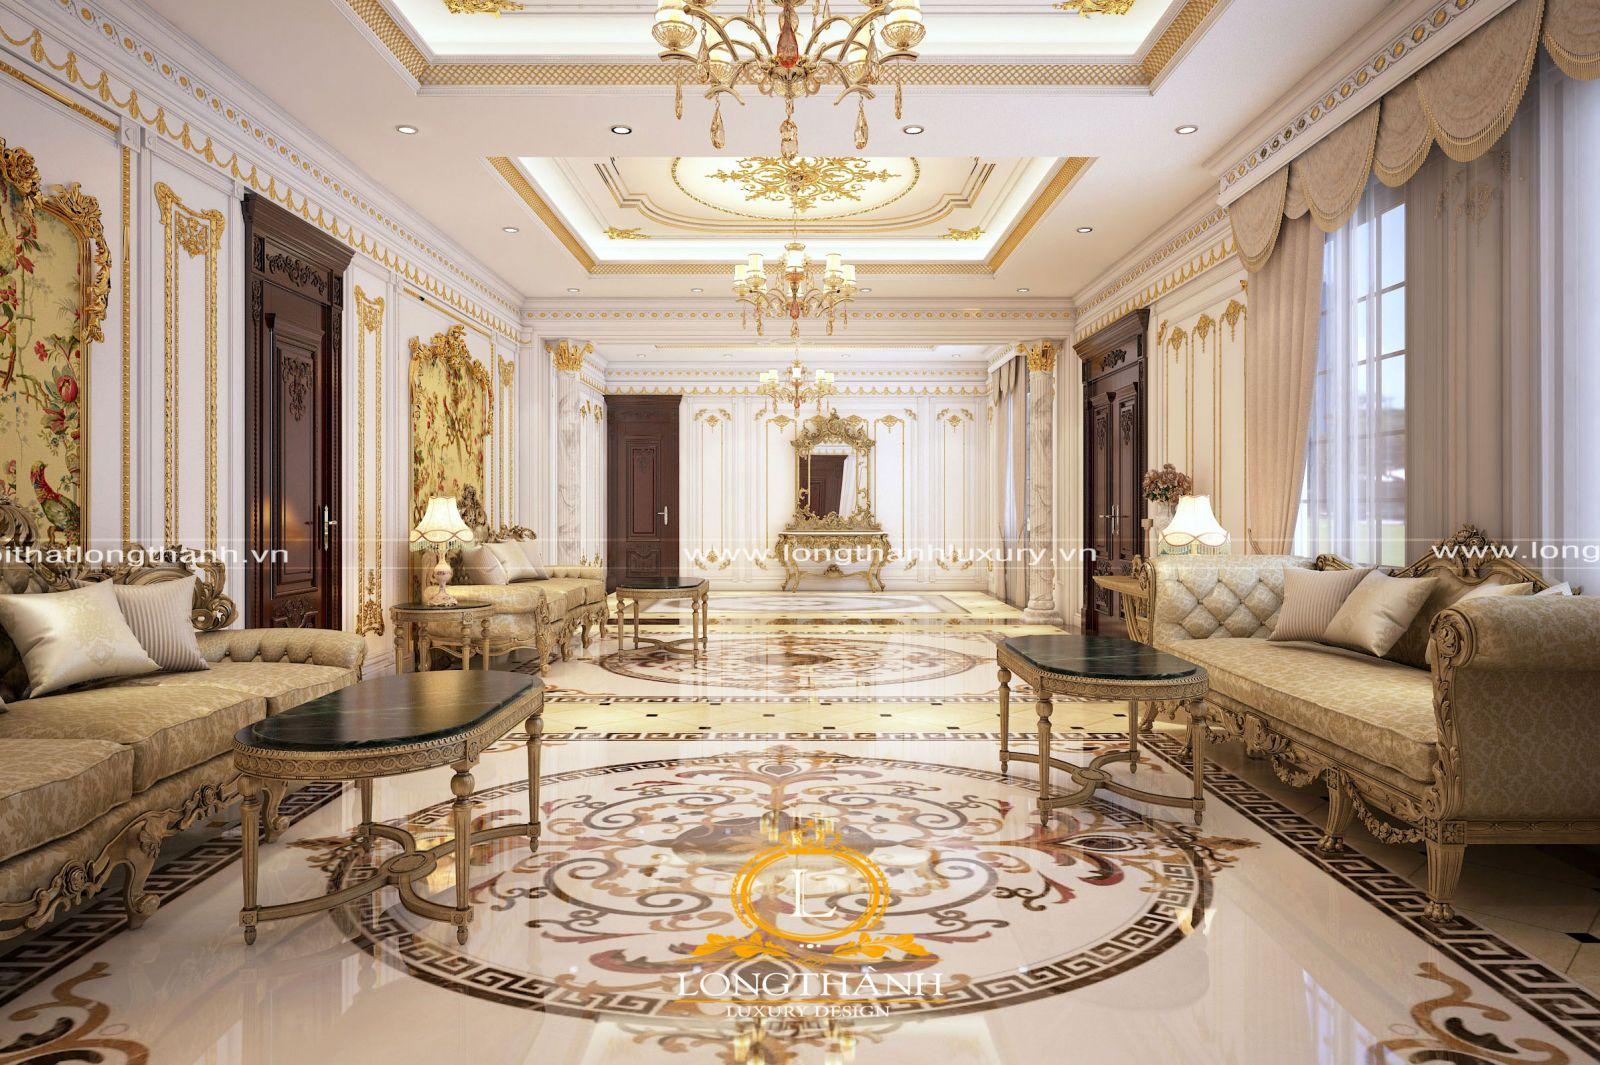 Khách sạn với phong cách tân cổ điển Châu Âu